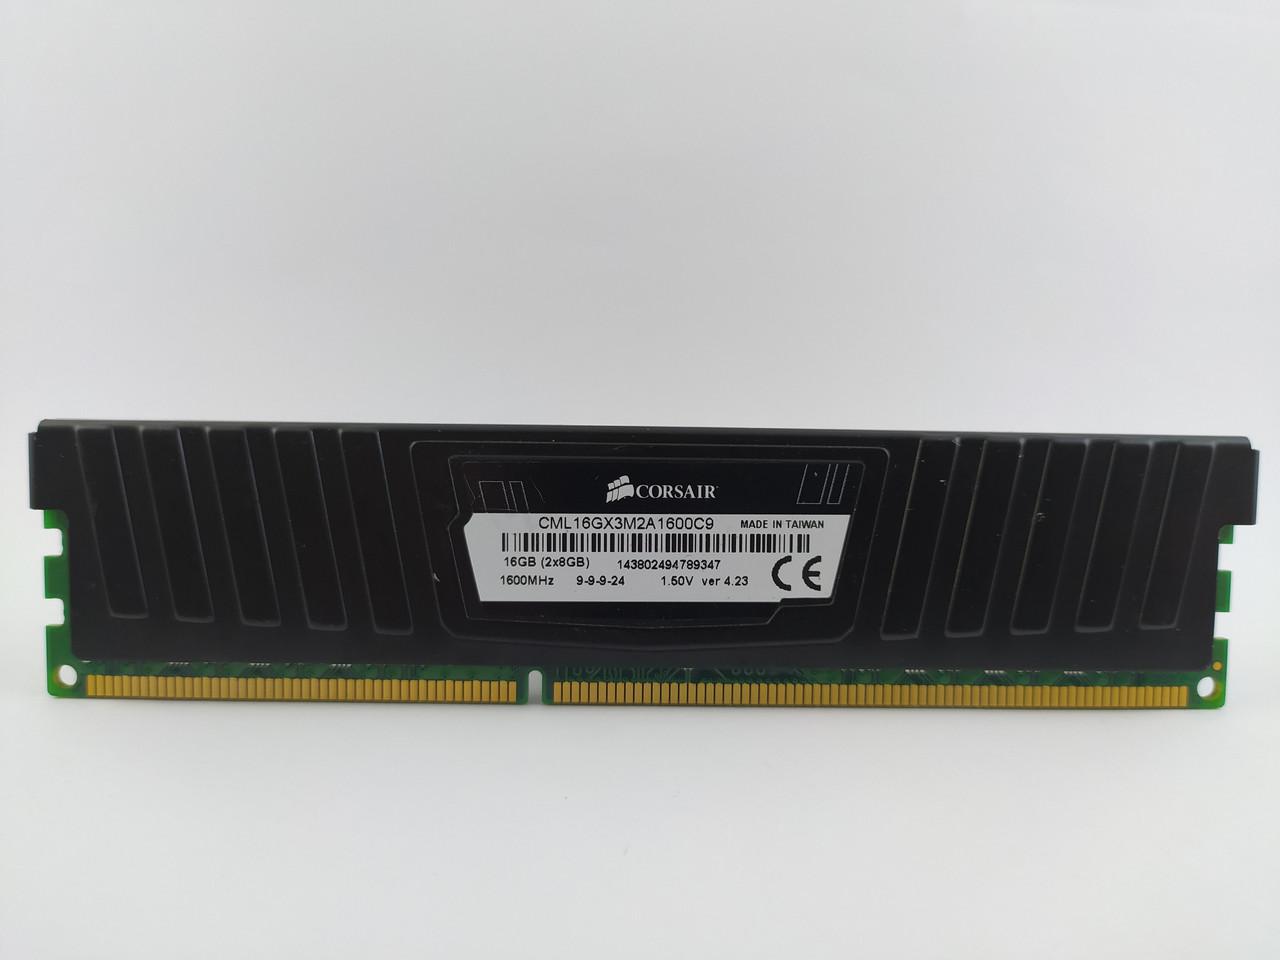 Оперативная память Corsair Vengeance DDR3 8Gb 1600MHz PC3-12800U (CML16GX3M2A1600C9) Б/У